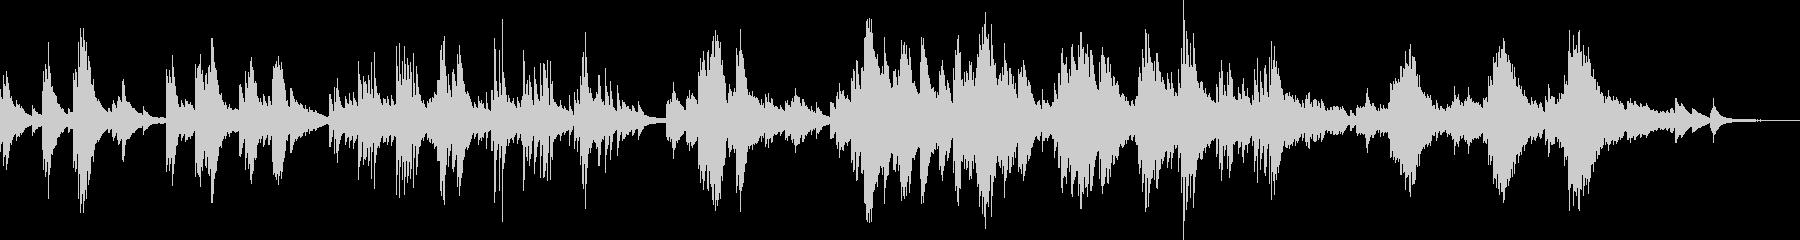 悲しいピアノBGM(生演奏・バラード)の未再生の波形